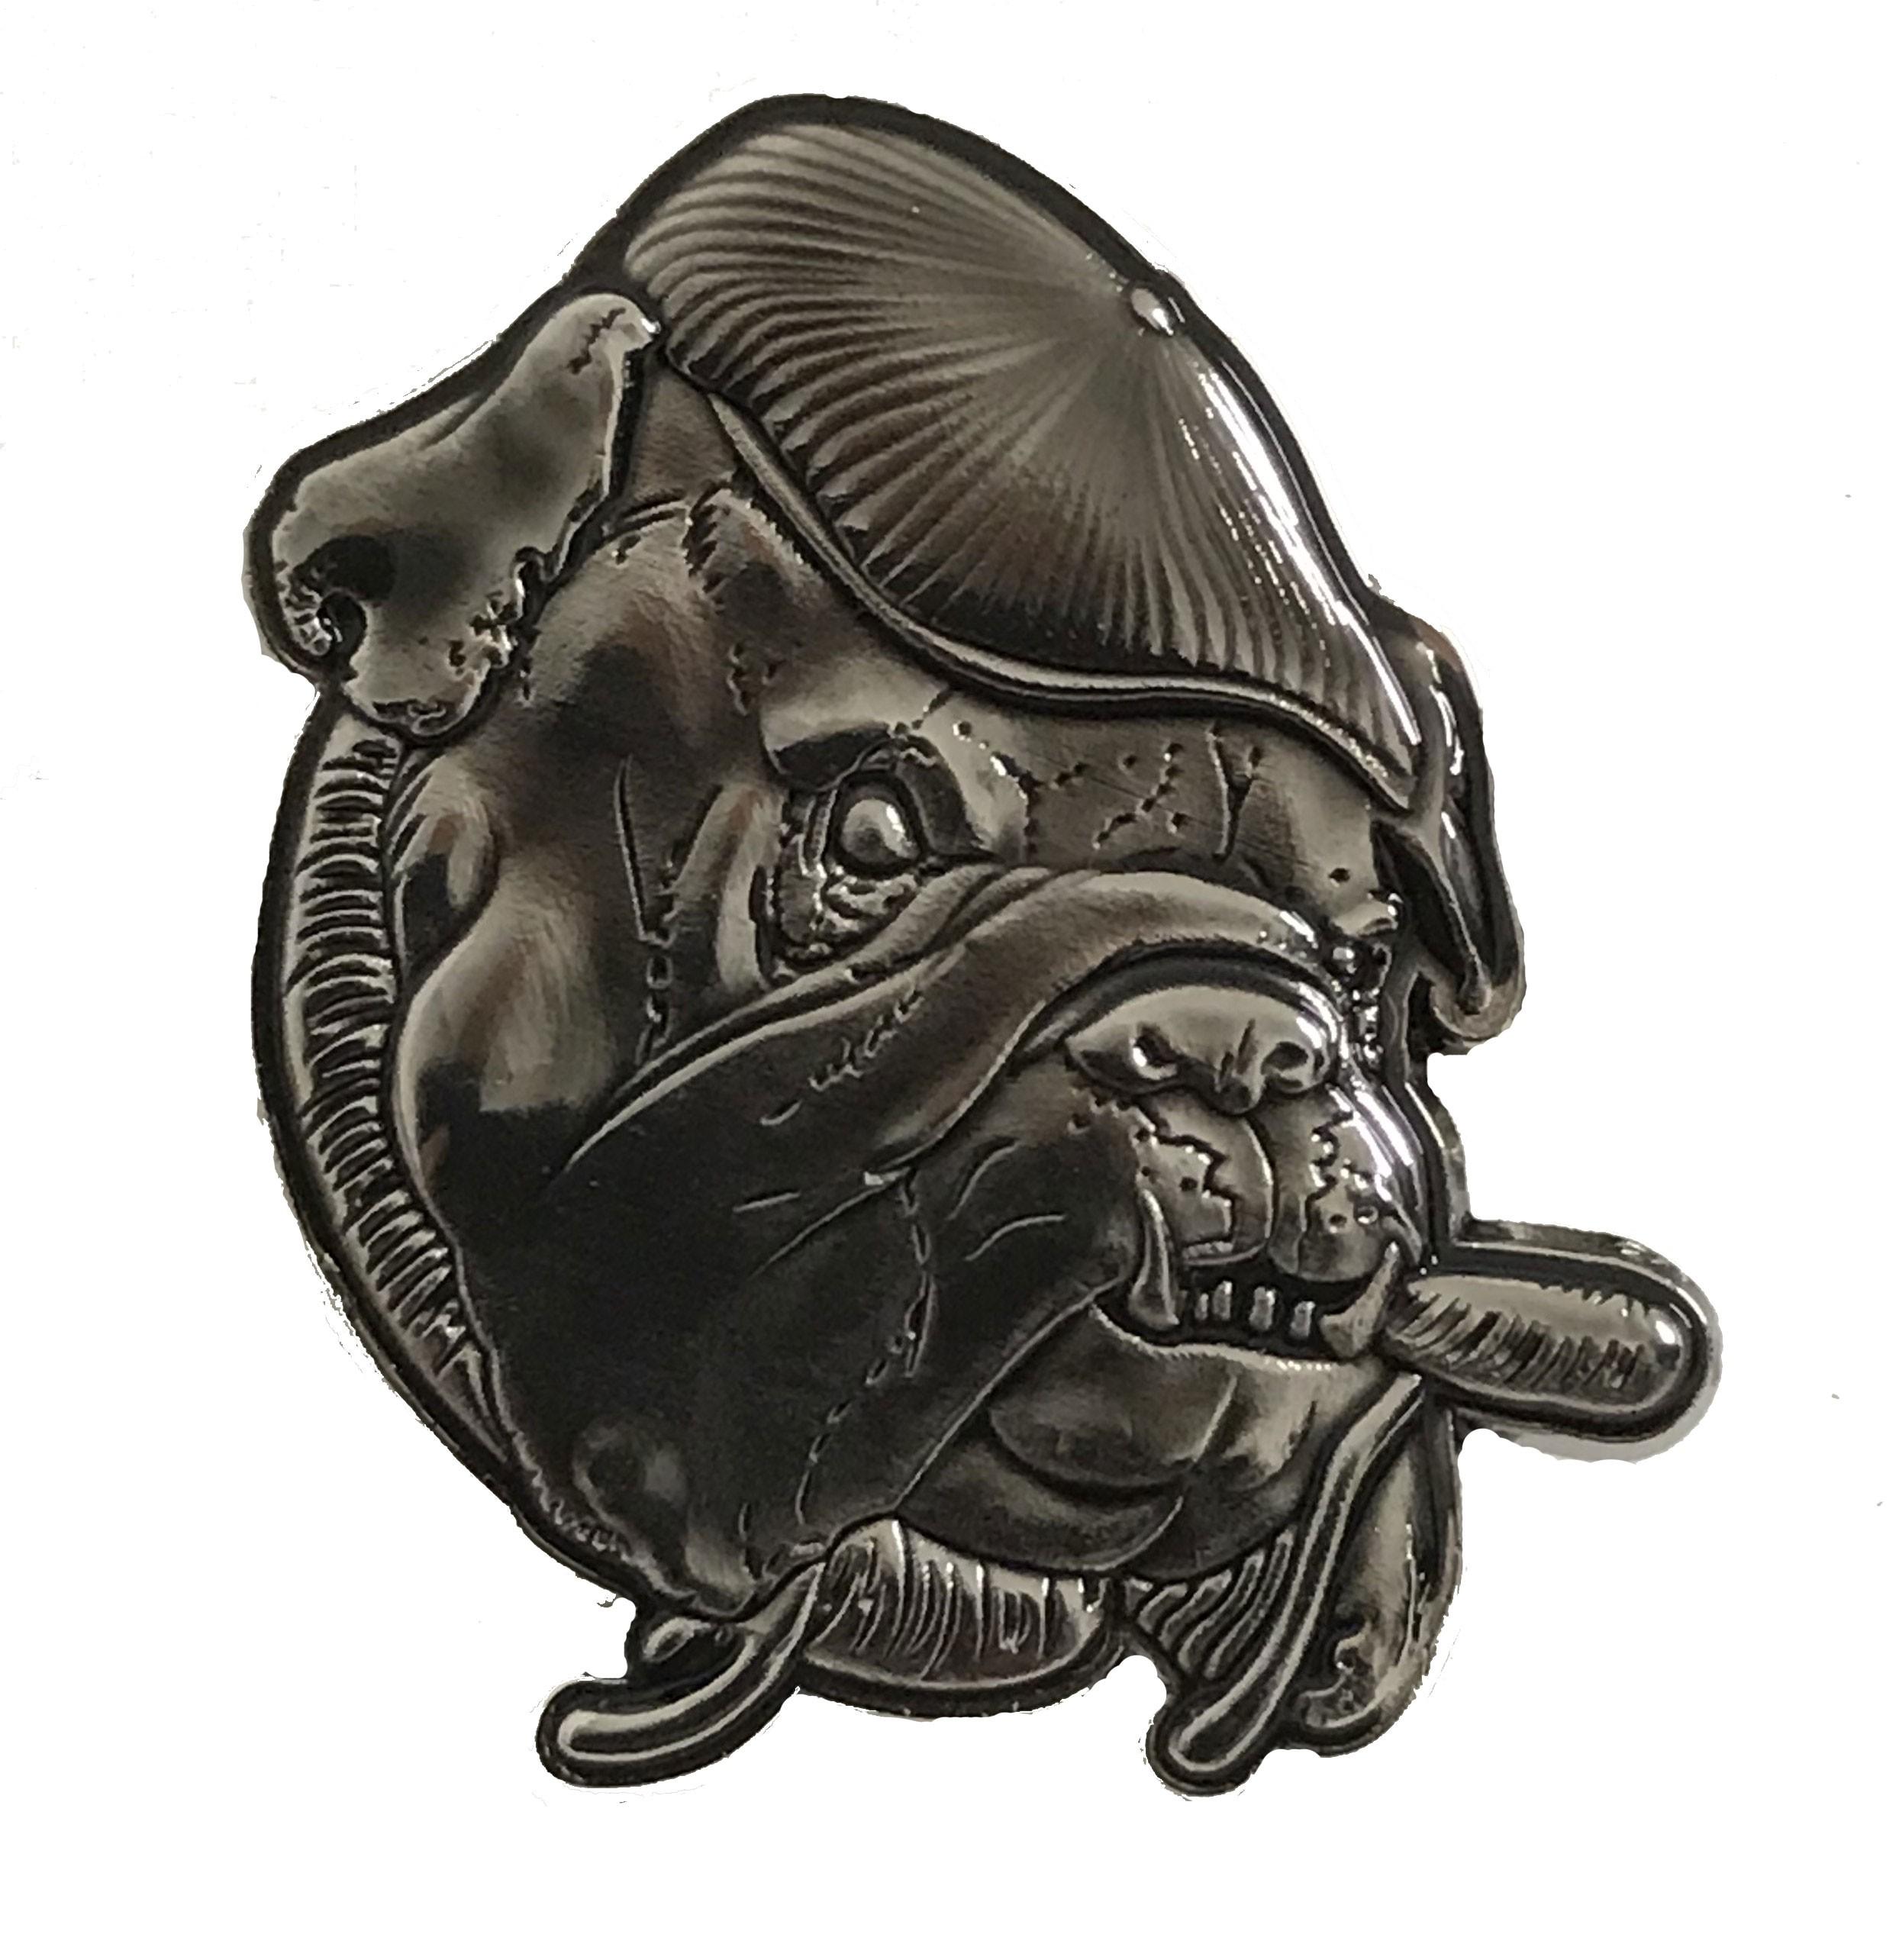 Sheer Terror - Metal-Pin